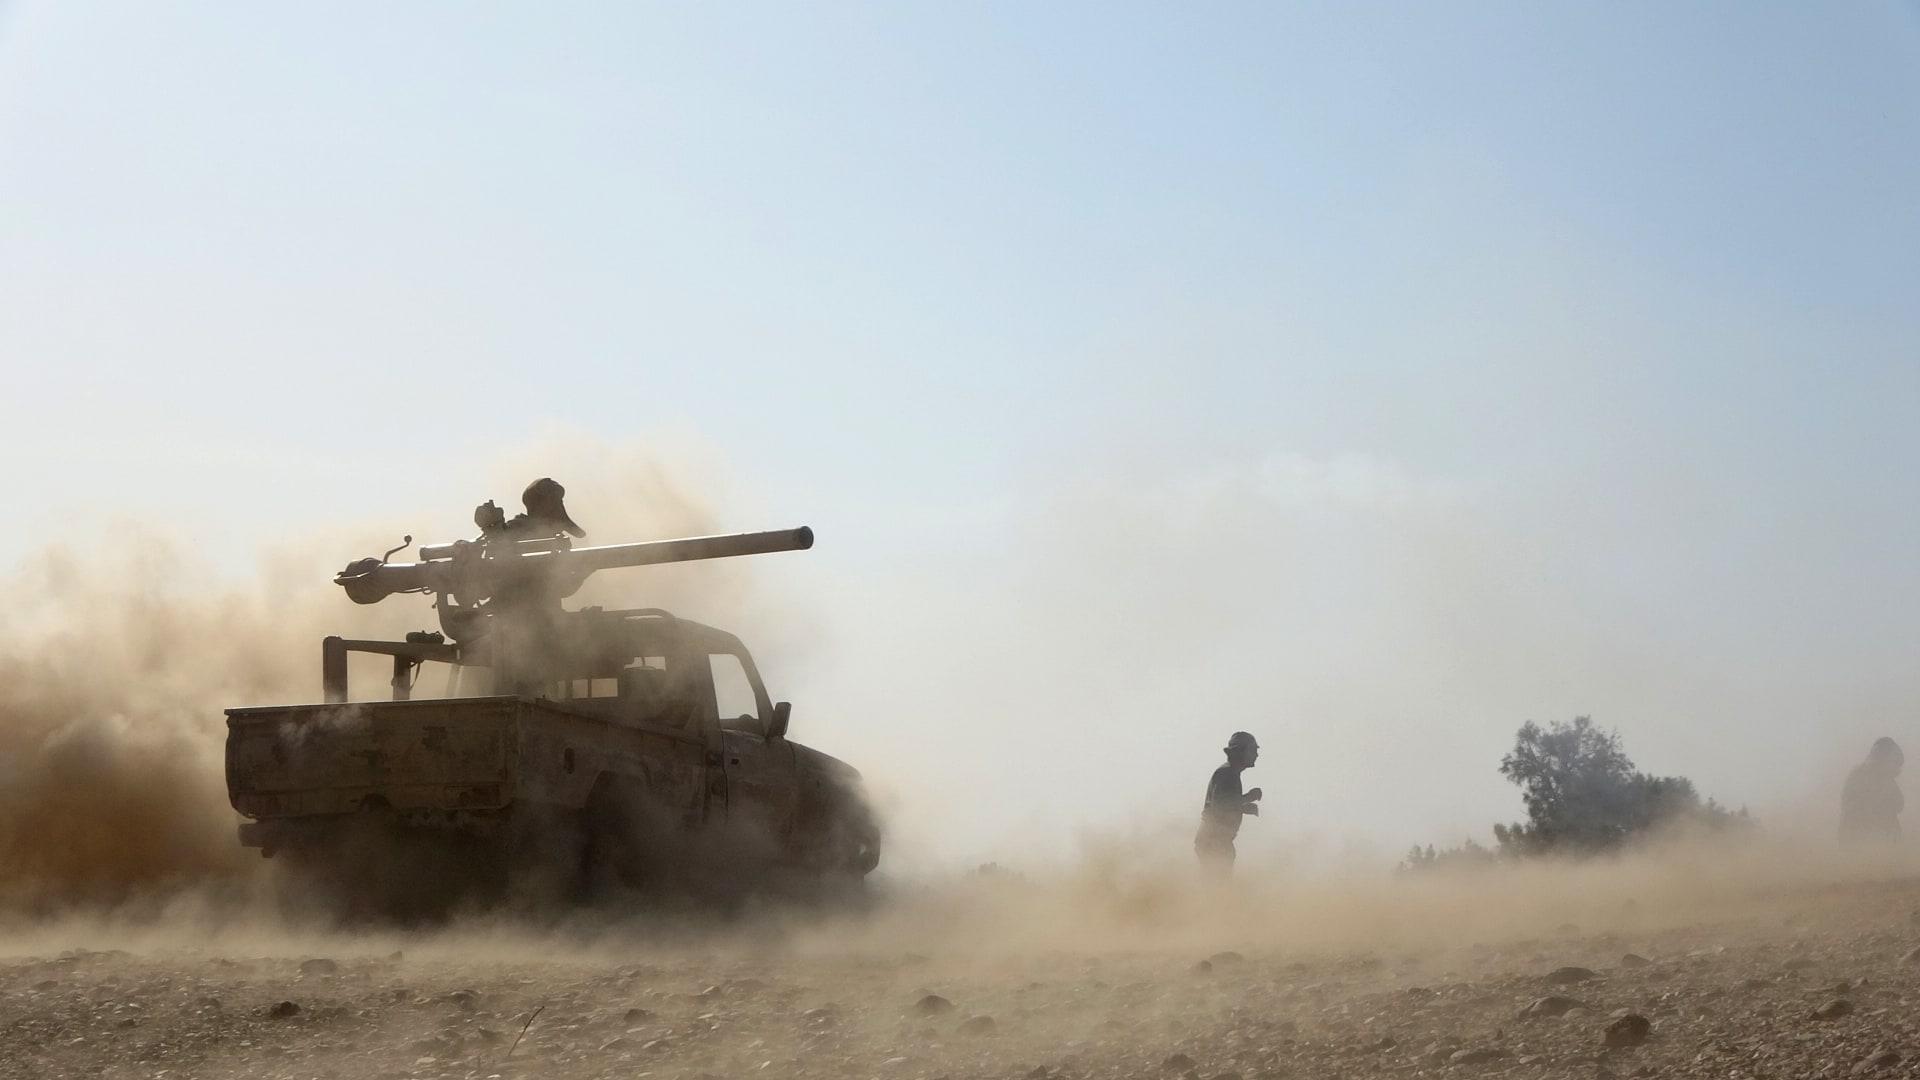 قوات حكومية تصد هجوماً للمتمردين الحوثيين على مأرب الغنية بالنفط، في 14 فبراير 2021.